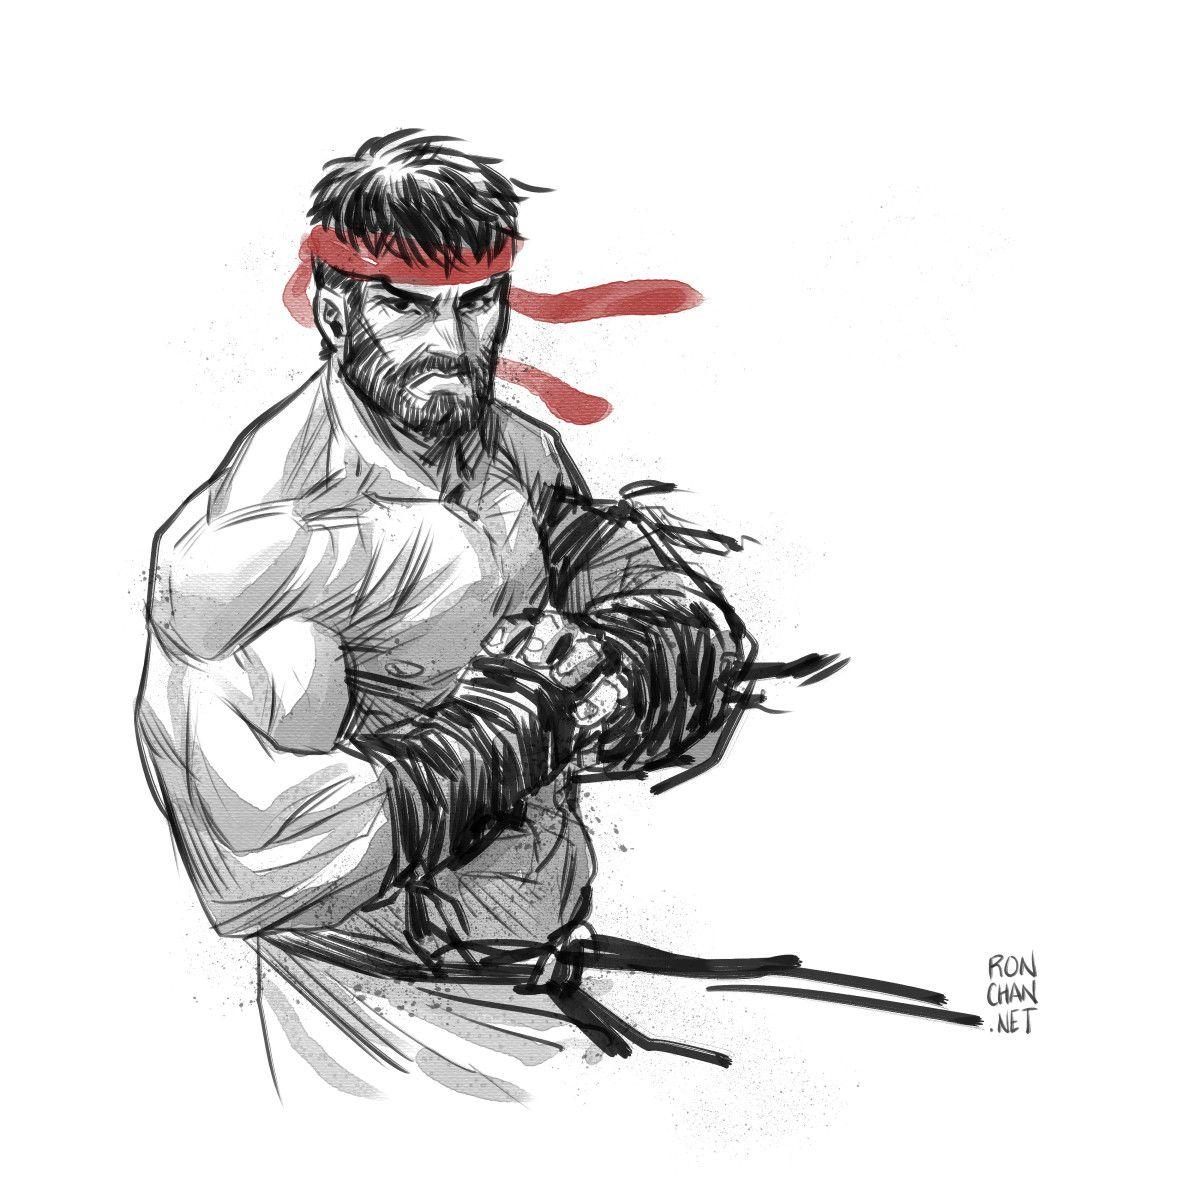 Rondanchan Ryu Street Fighter Street Fighter Art Street